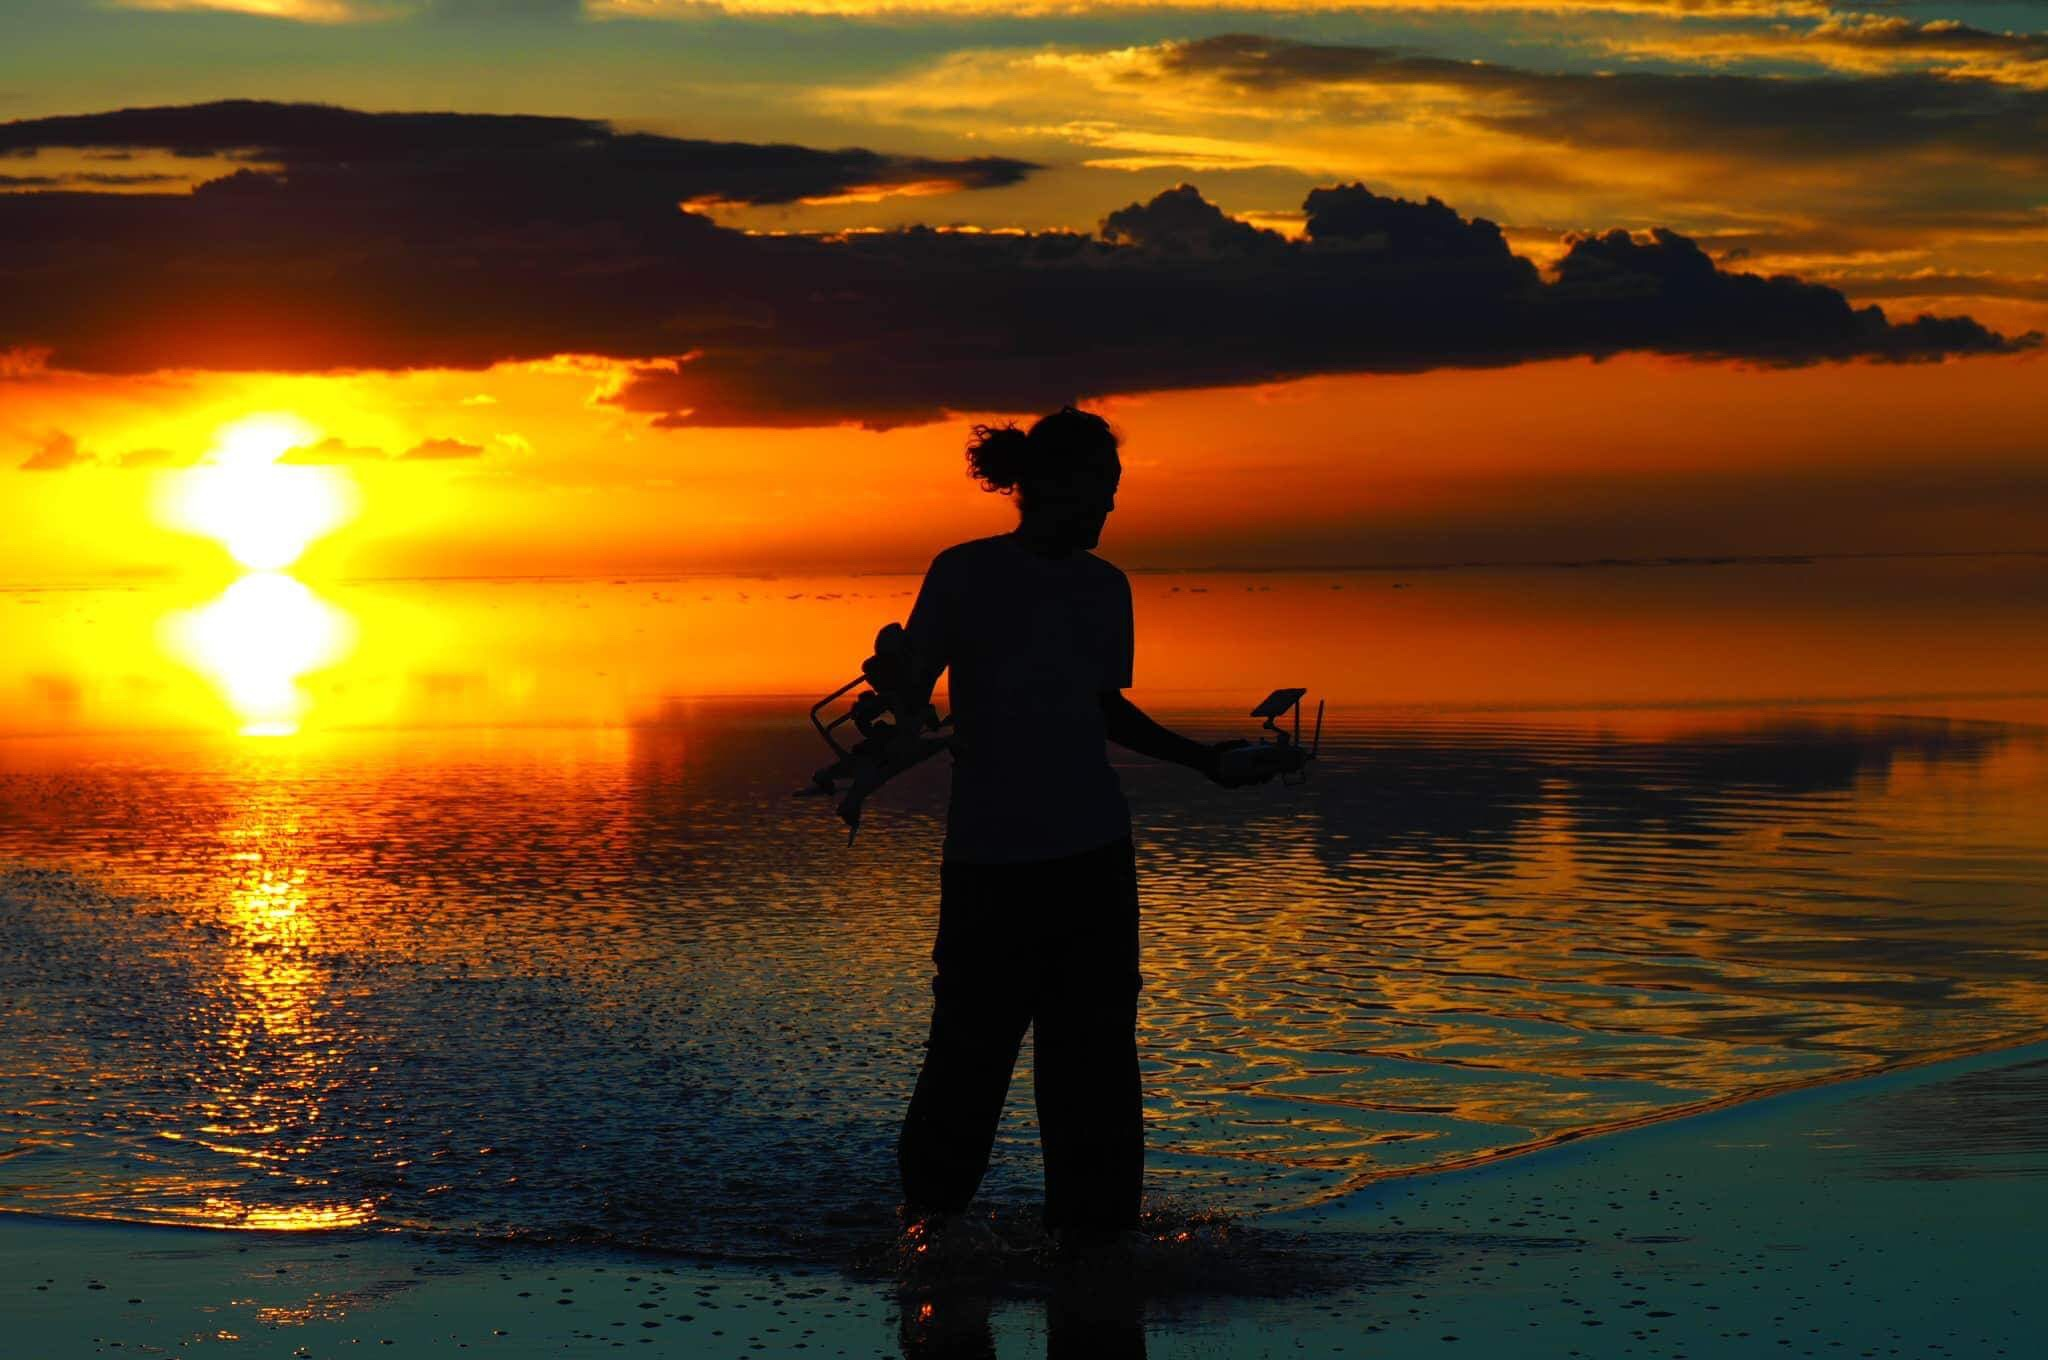 ウユニ塩湖 でドローン墜落